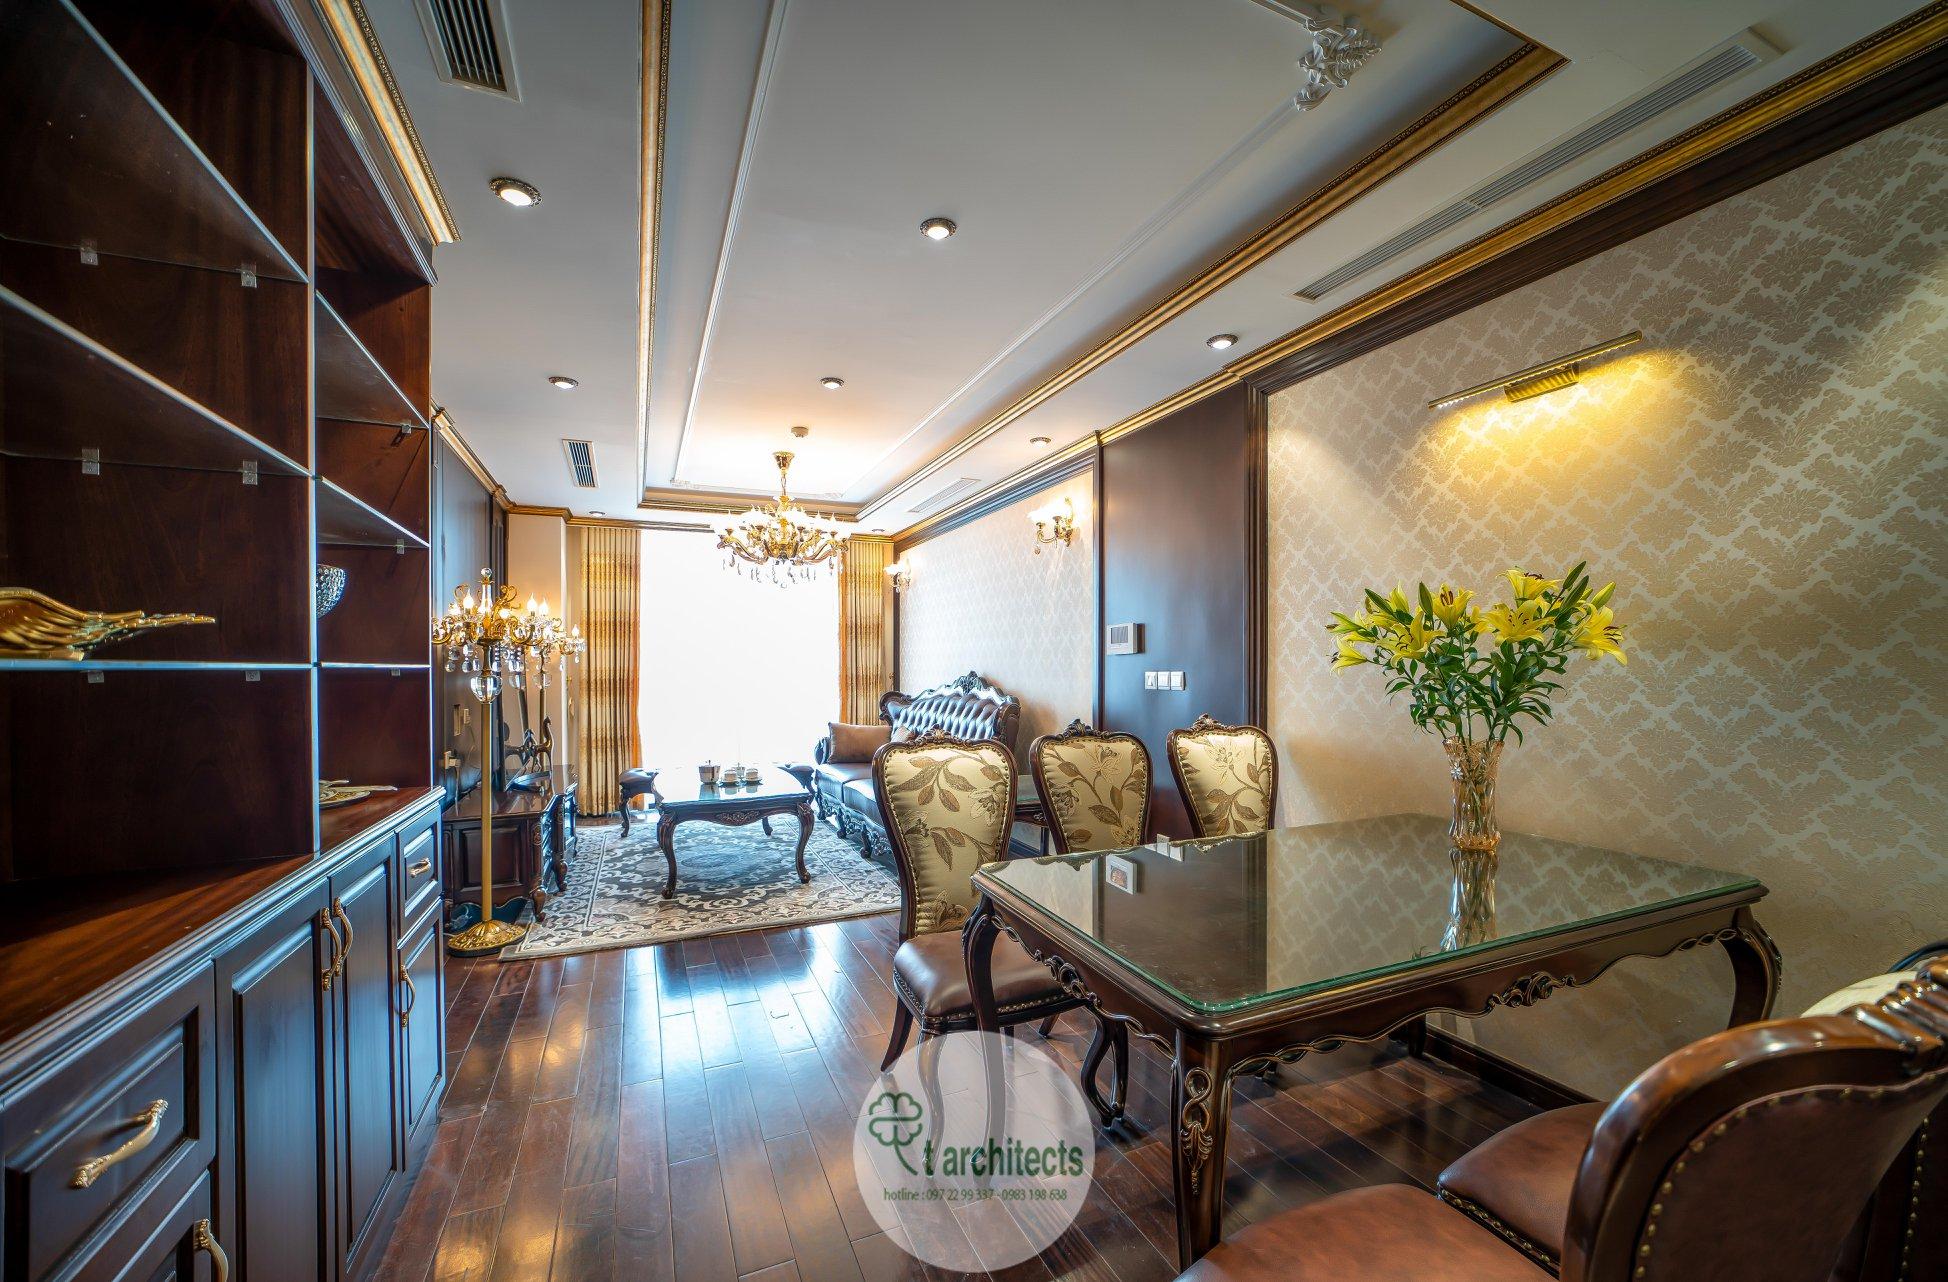 Thiết kế nội thất Chung Cư tại Hà Nội Thiết kế 6 căn hộ mẫu chung cư HC GOLDEN CITY 1589766600 24